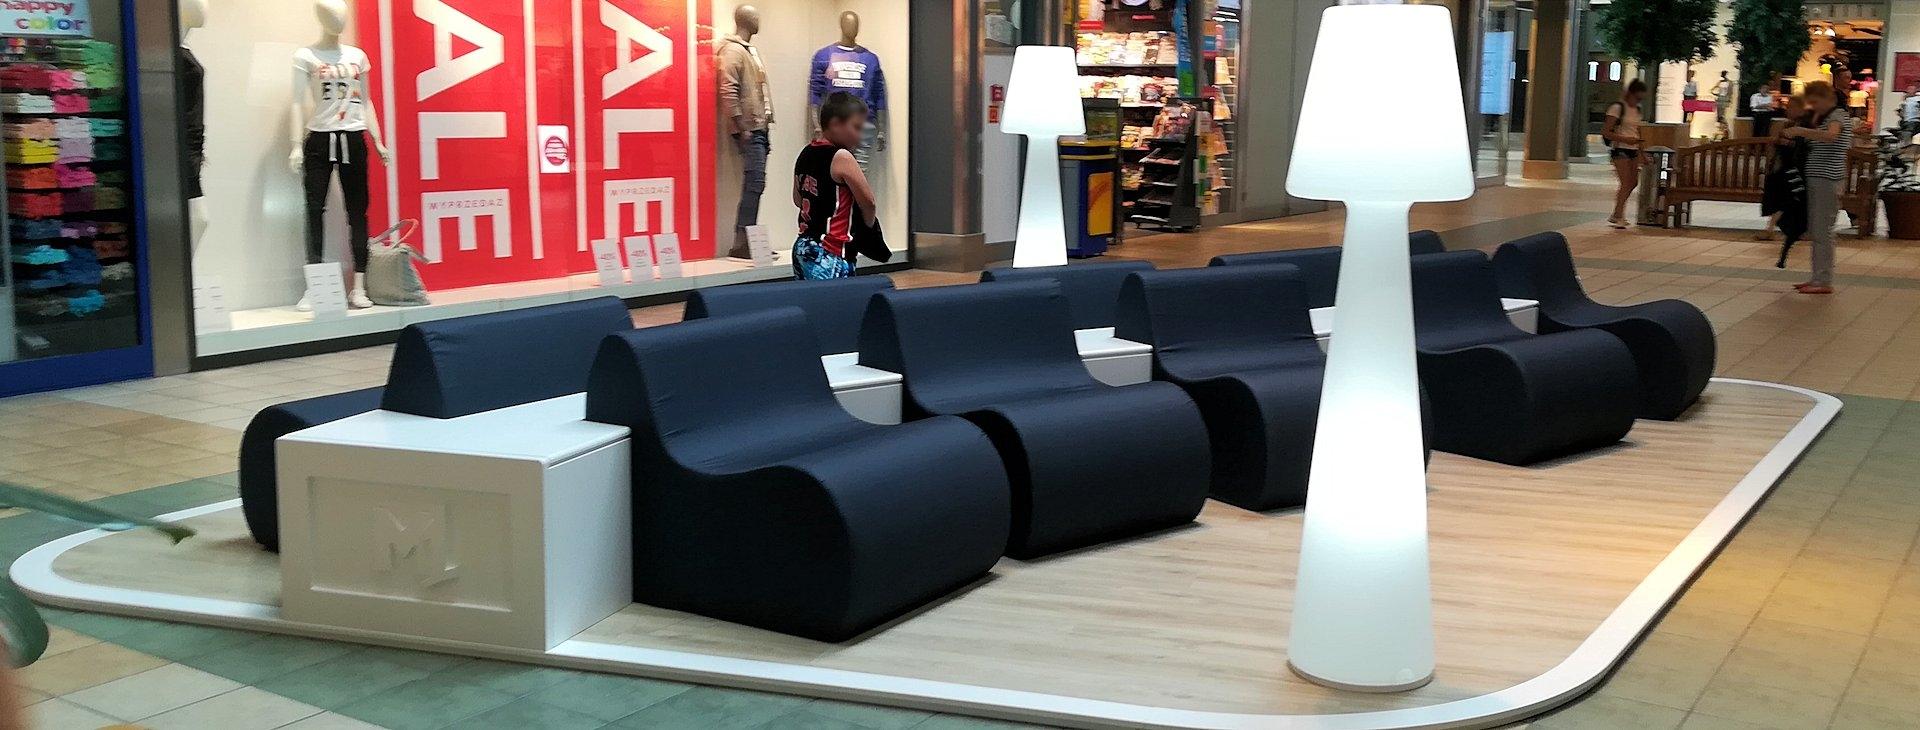 strefy wypoczynku w centrach handlowych